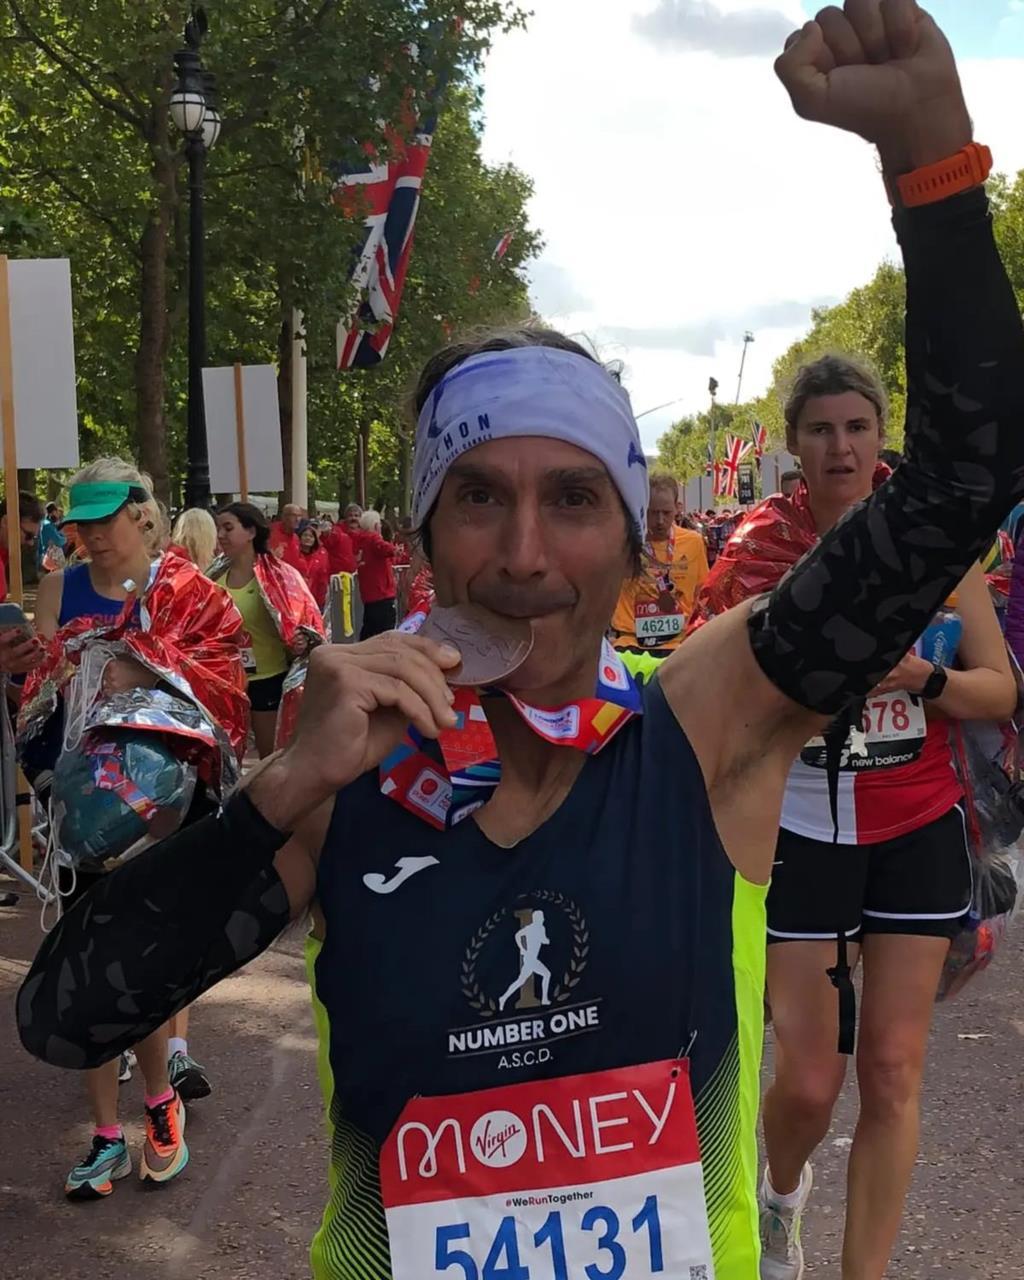 Grande prova di un atleta trapanese alla maratona di Londra